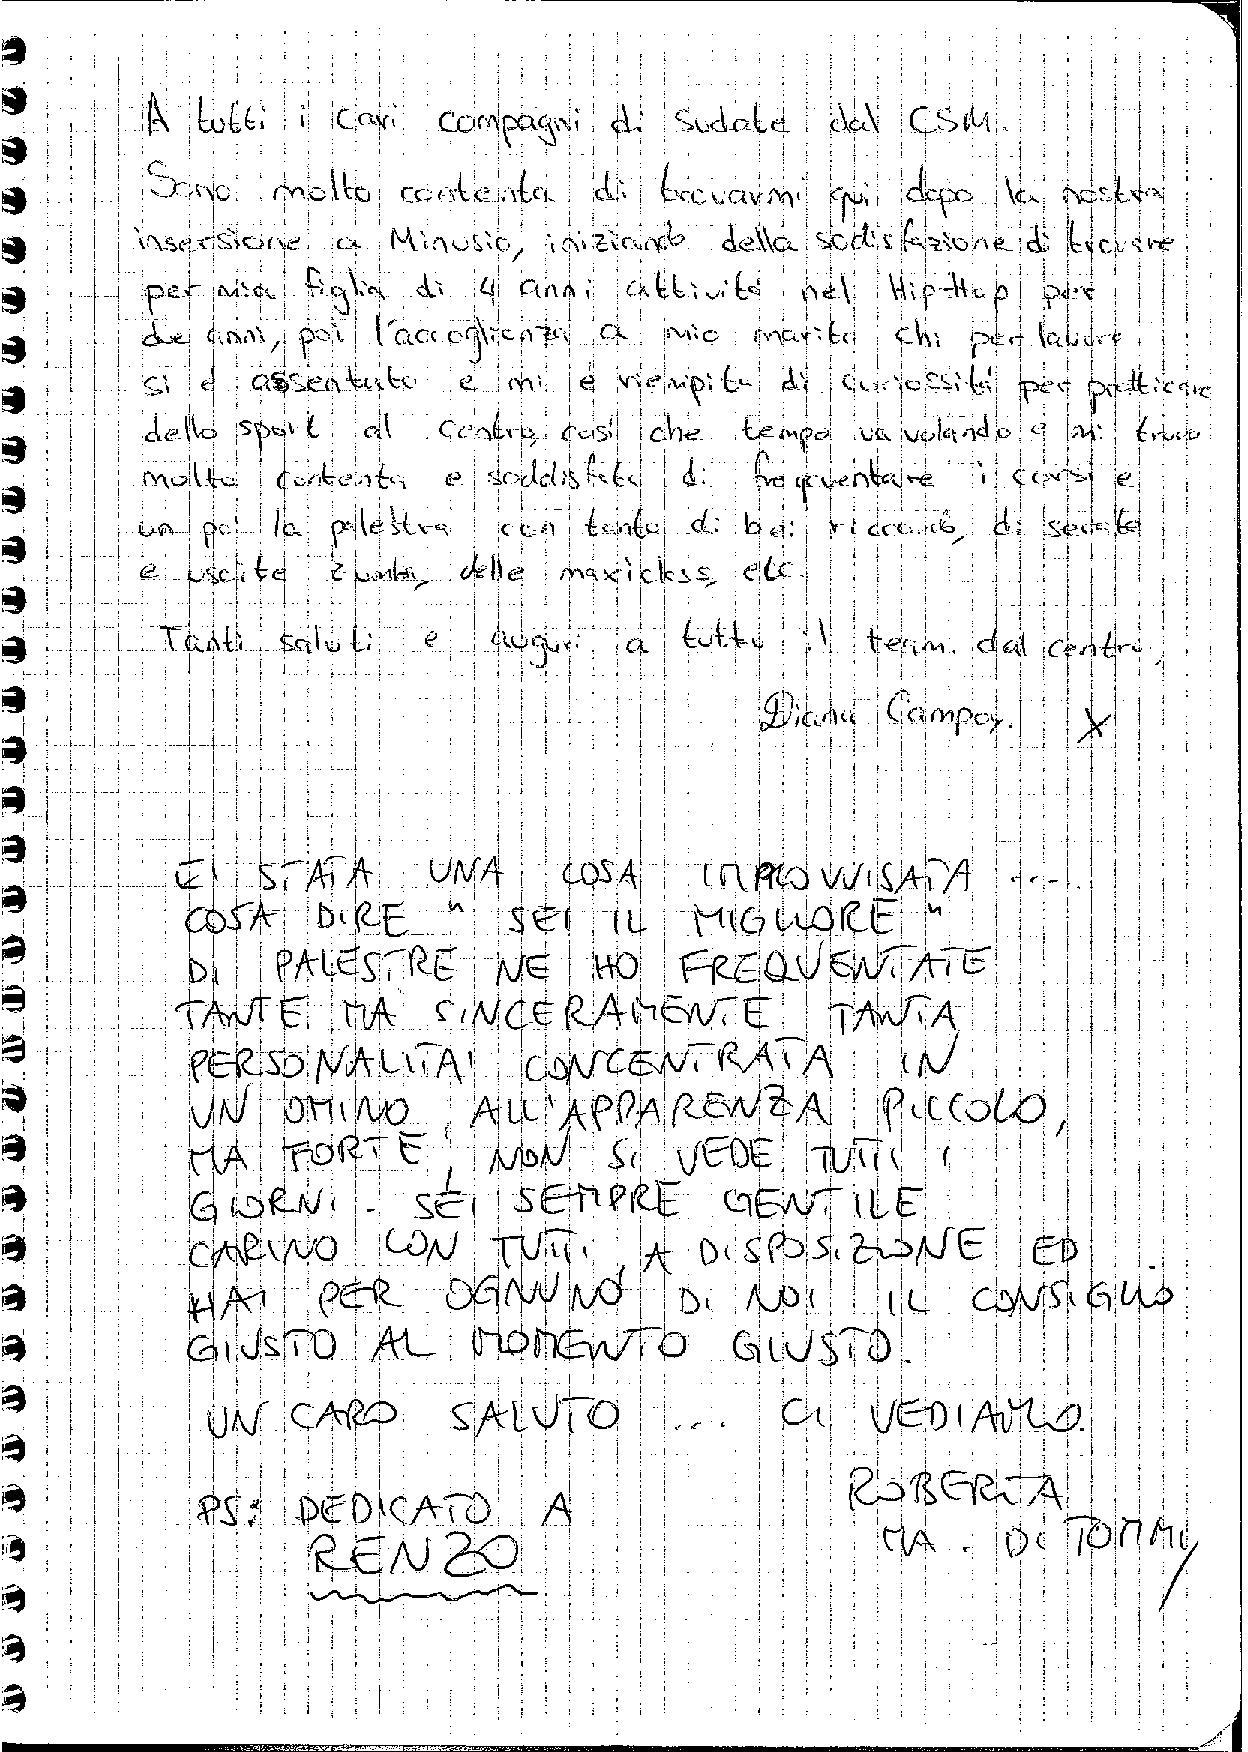 testimonianza-11